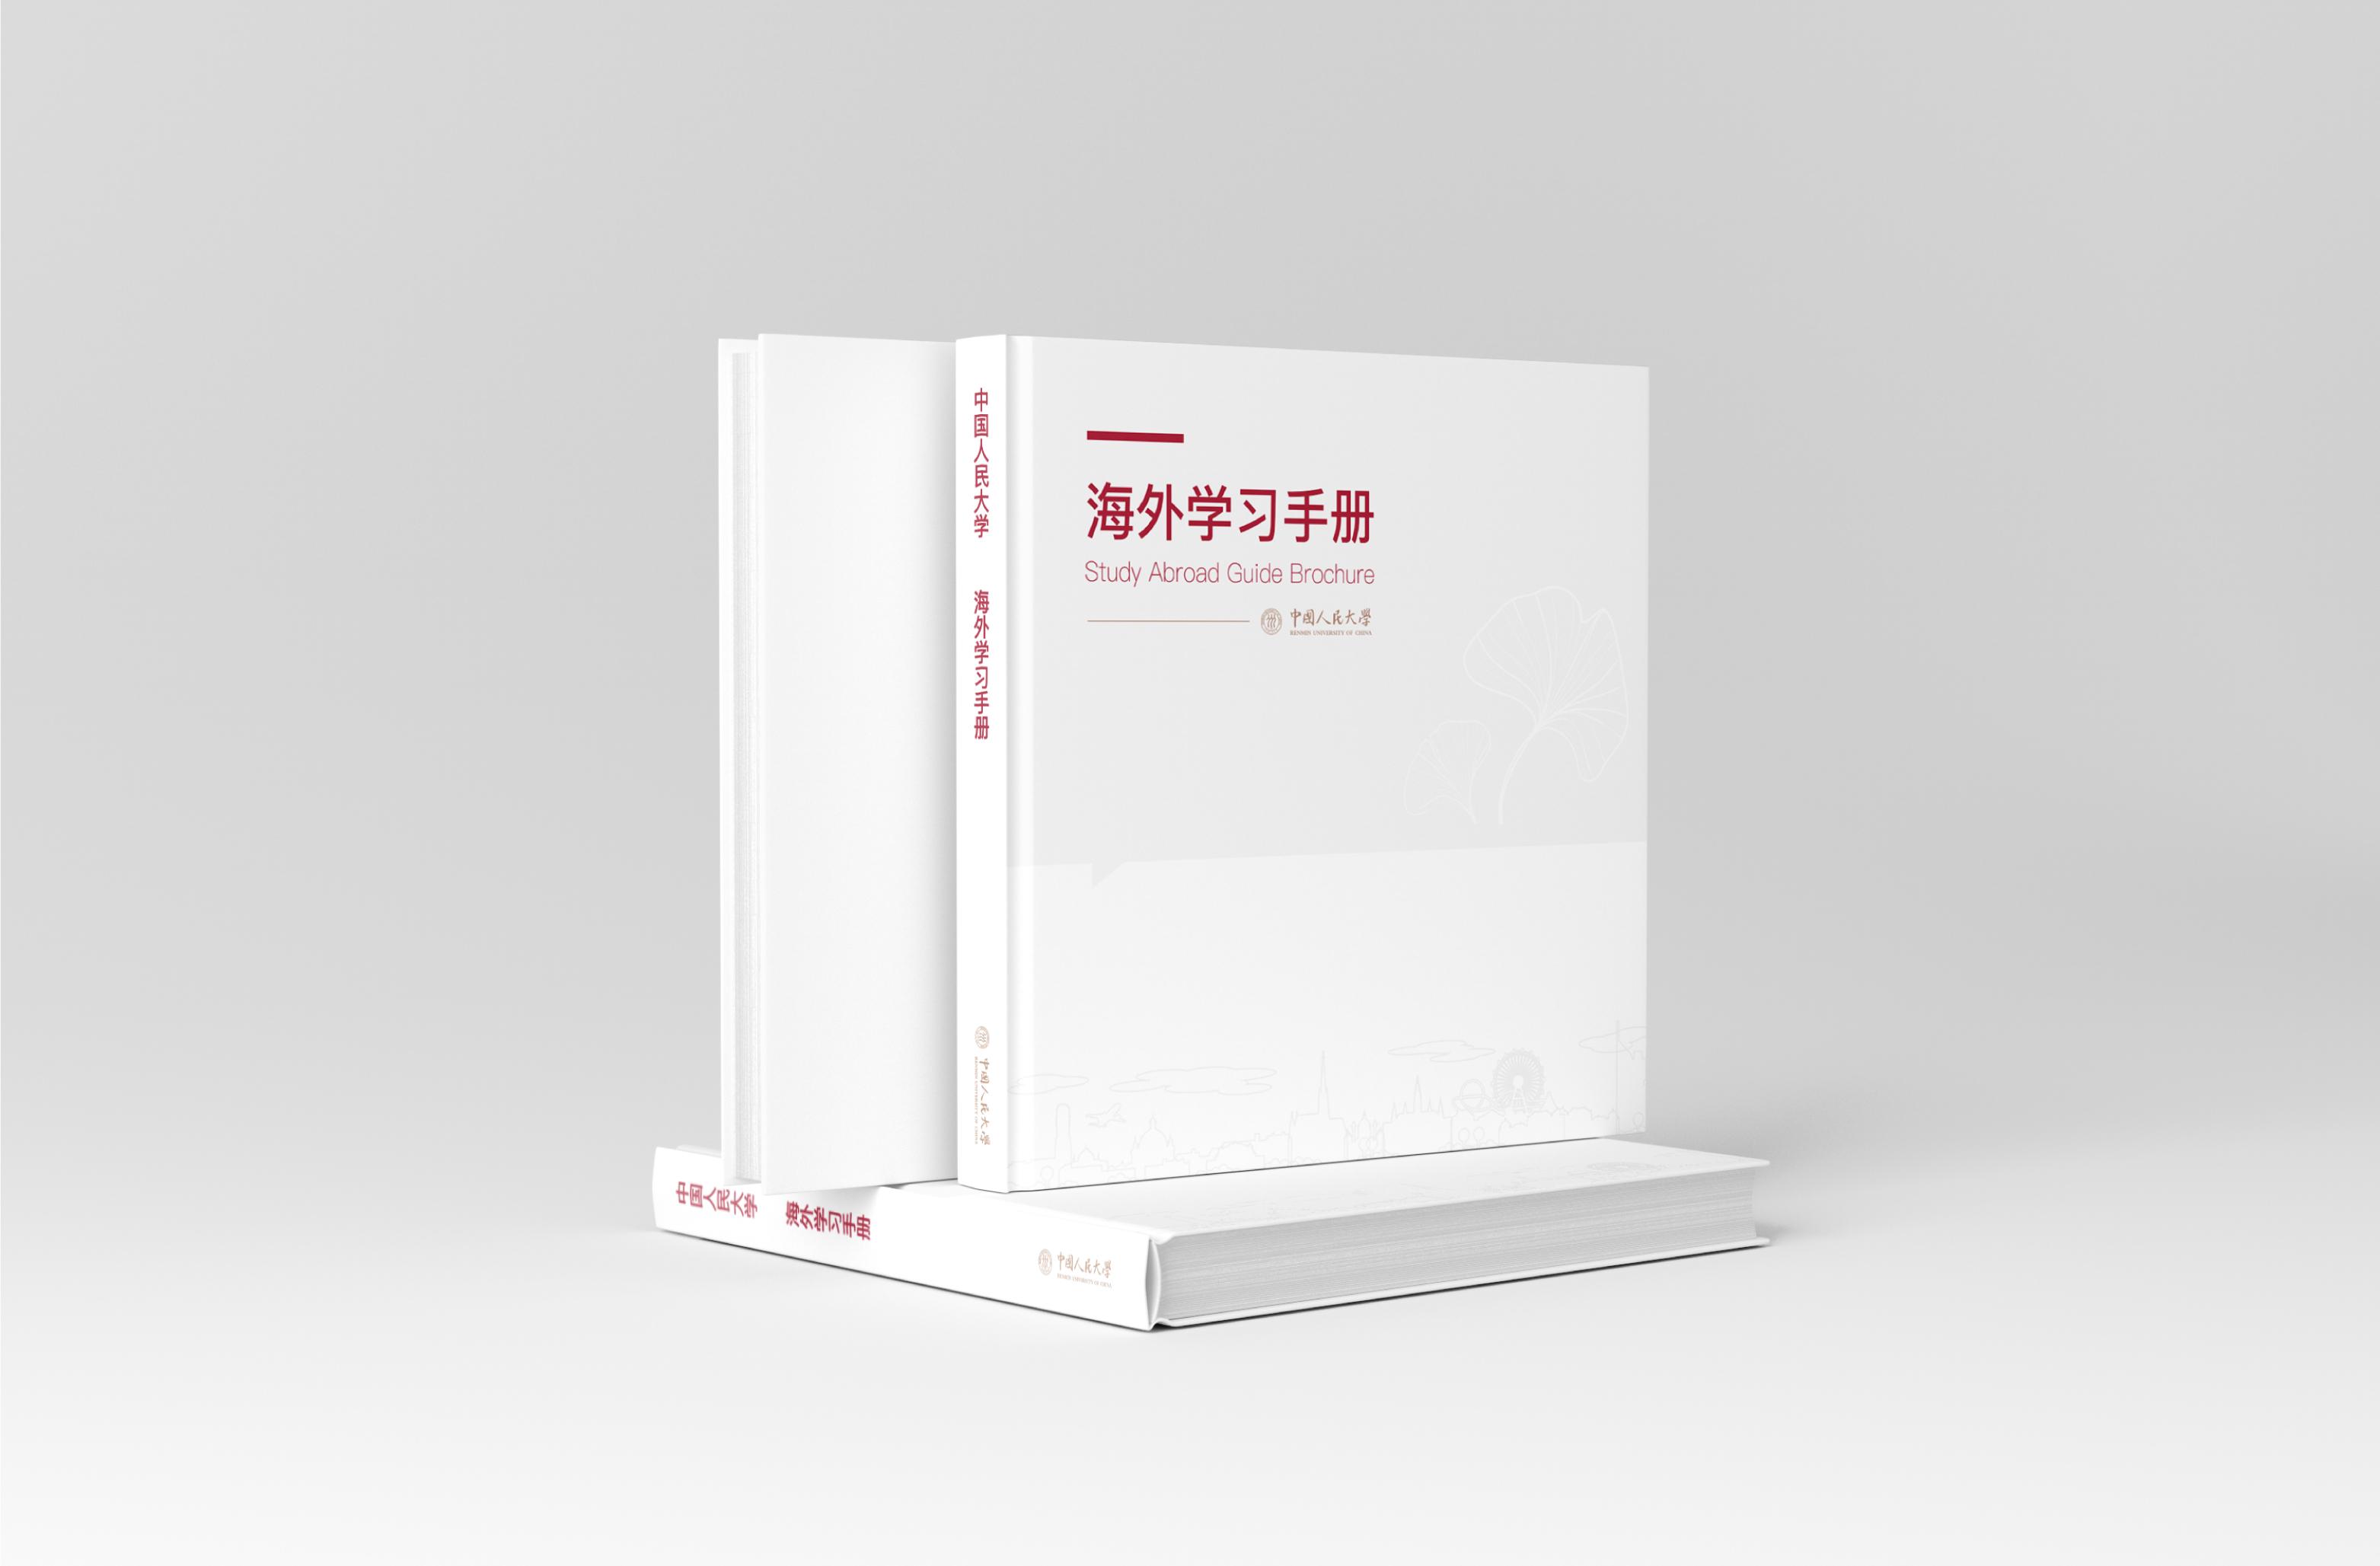 中國人民大學海外學習手冊設計